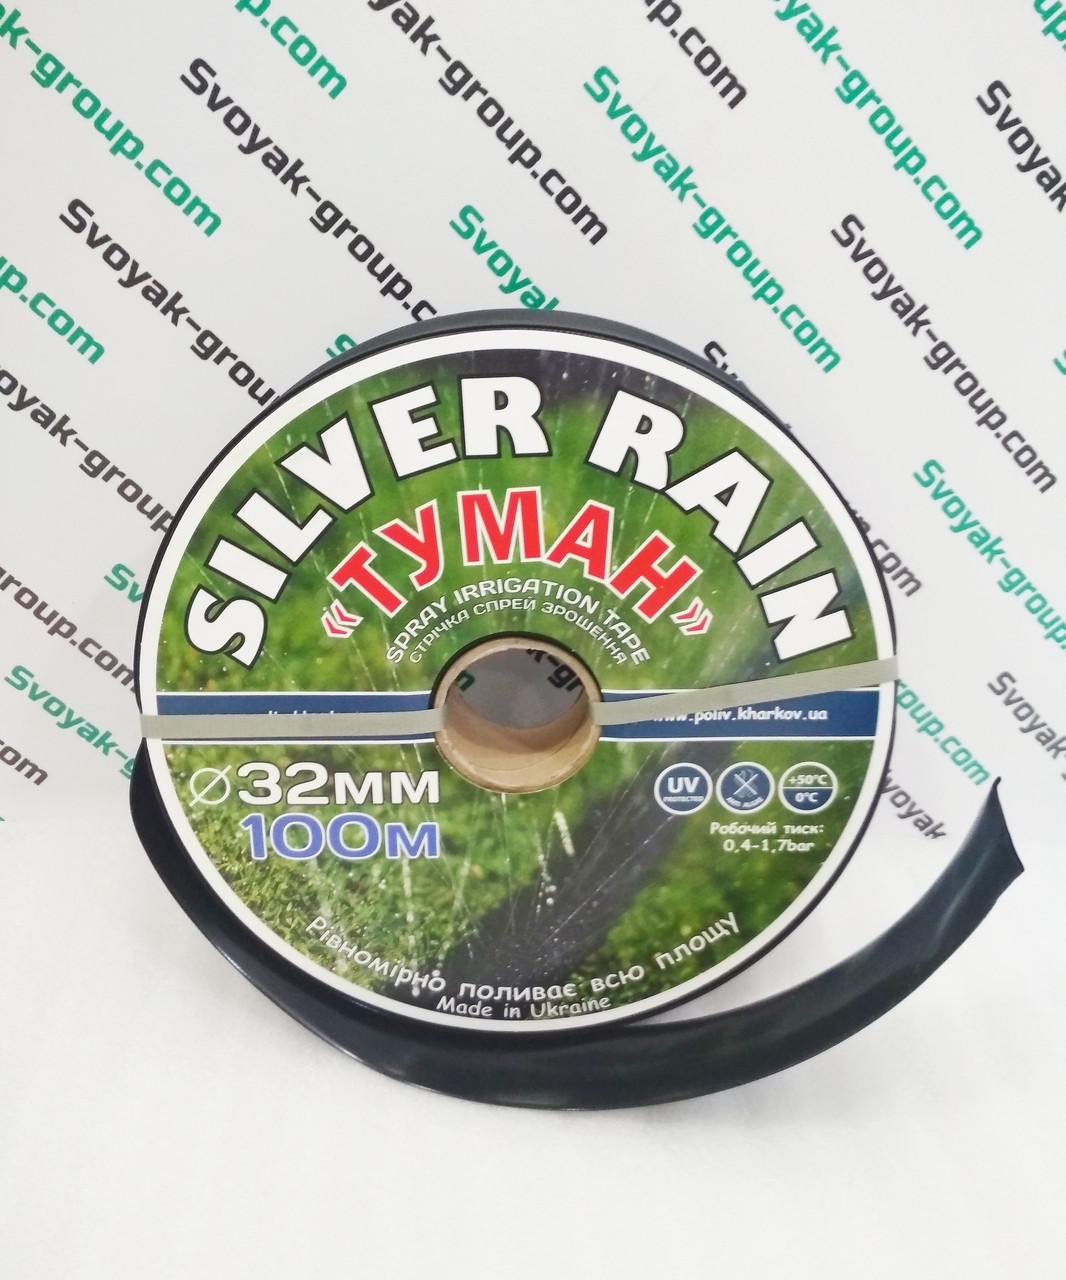 """Полив туман """"Silver rain"""" 32 мм. (Украина) - 100 м."""